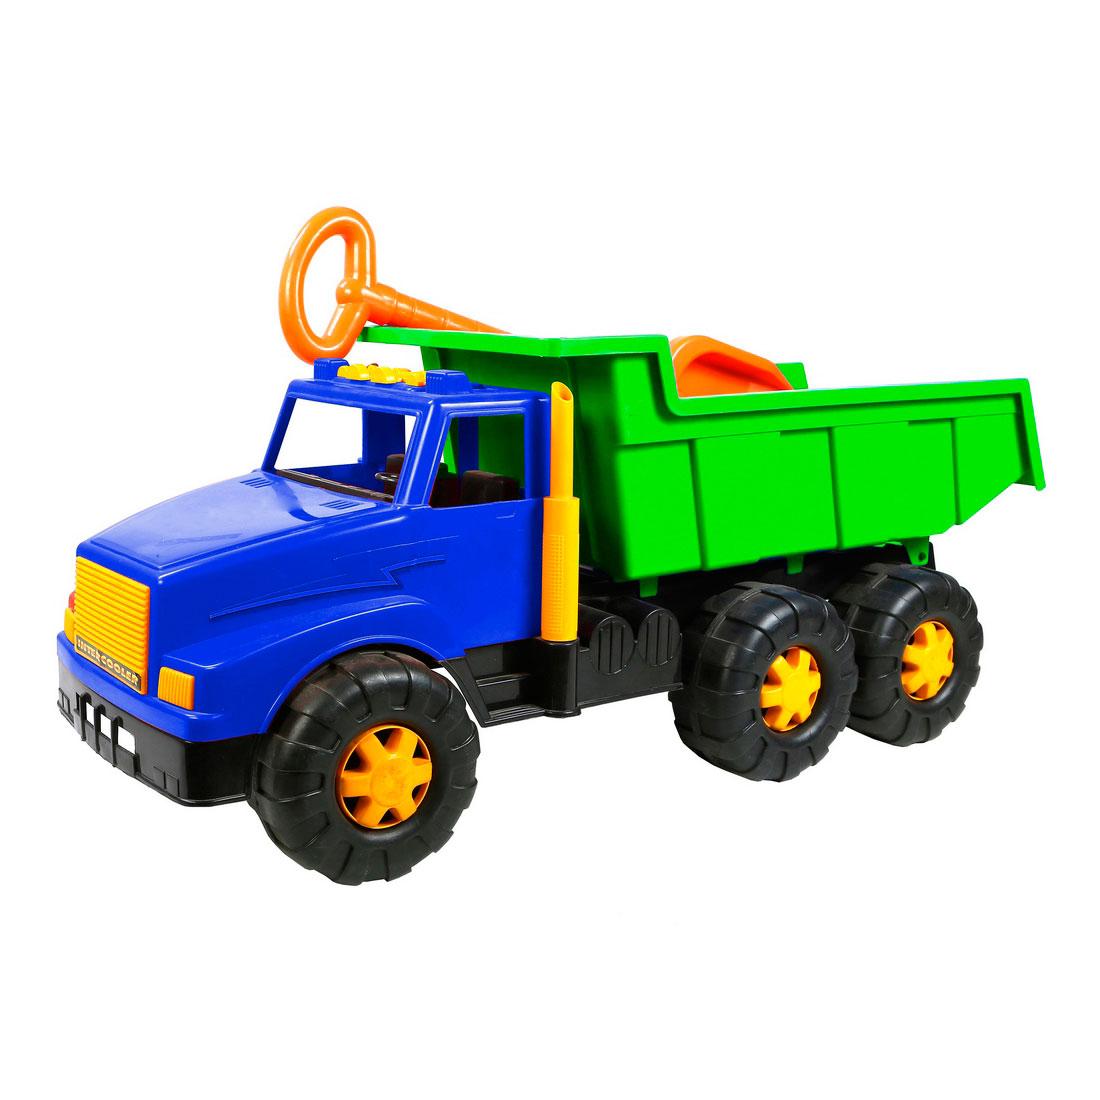 Автомобиль RT ОР795 МАГ BIG Большая лопата Синий с Зеленым<br>